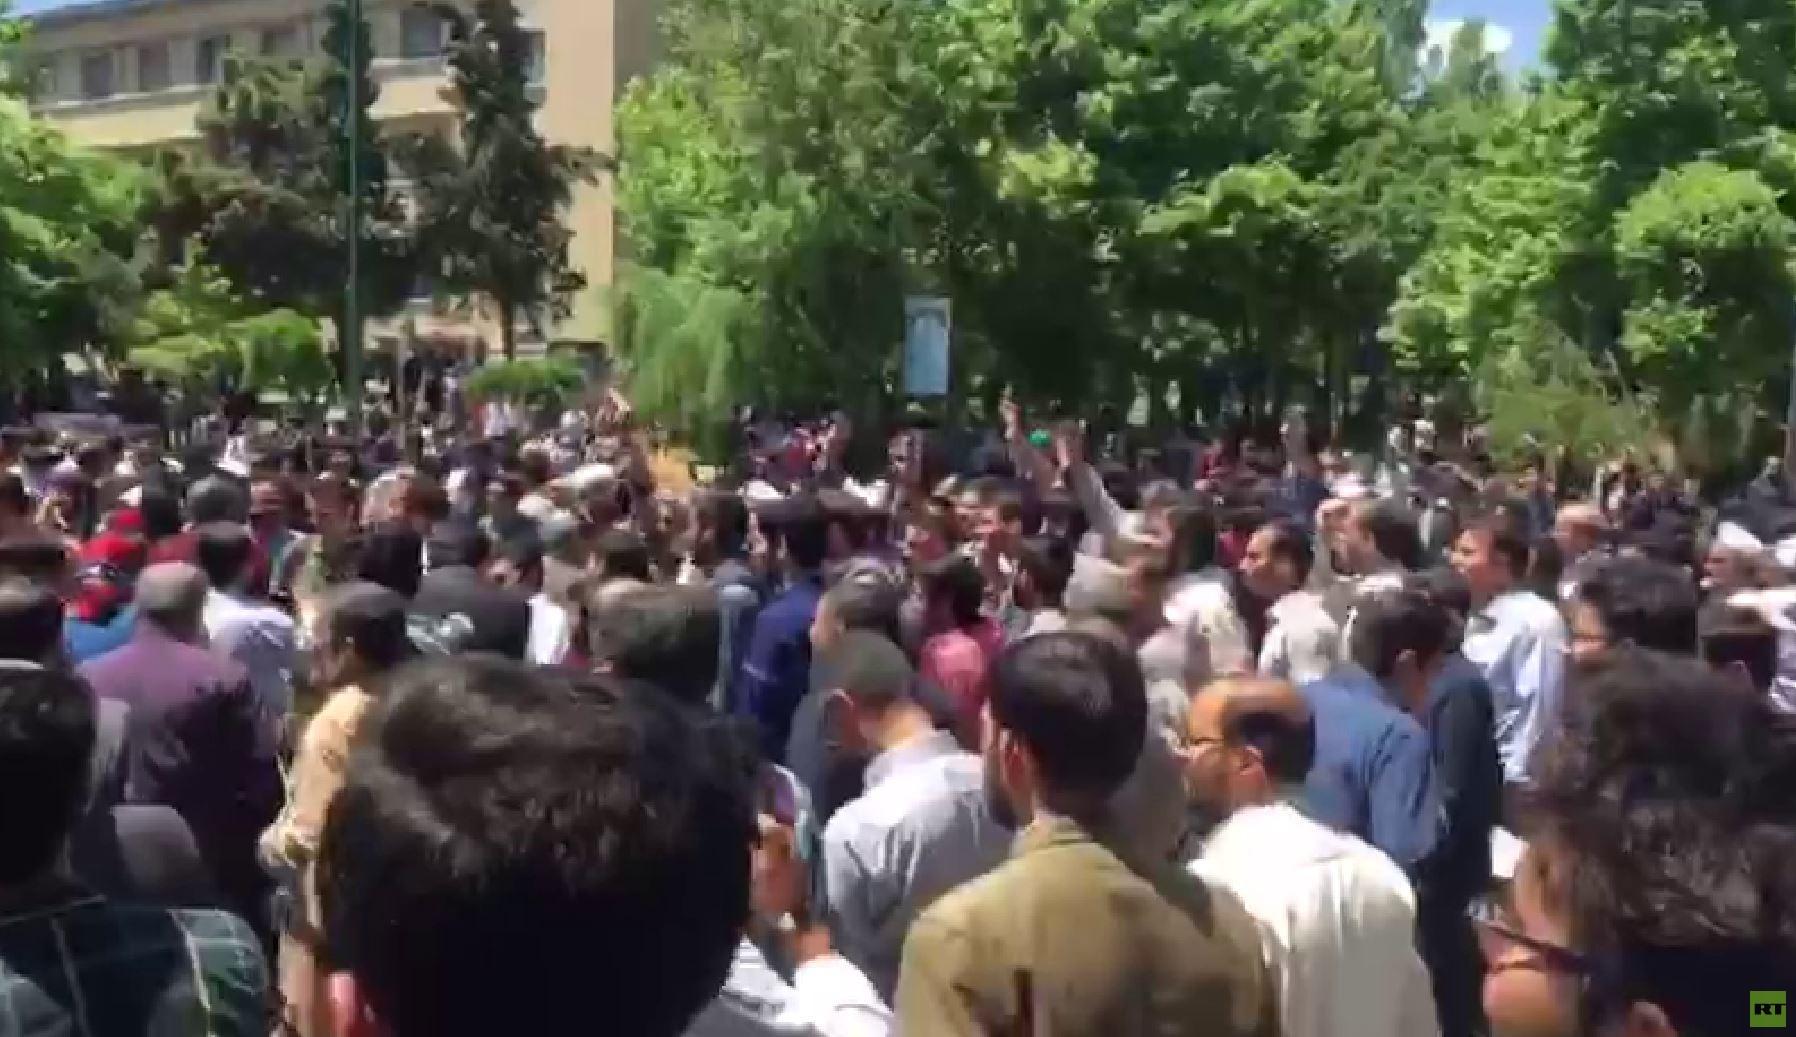 احتجاجات في جامعة طهران ضد قانون الحجاب (فيديو)